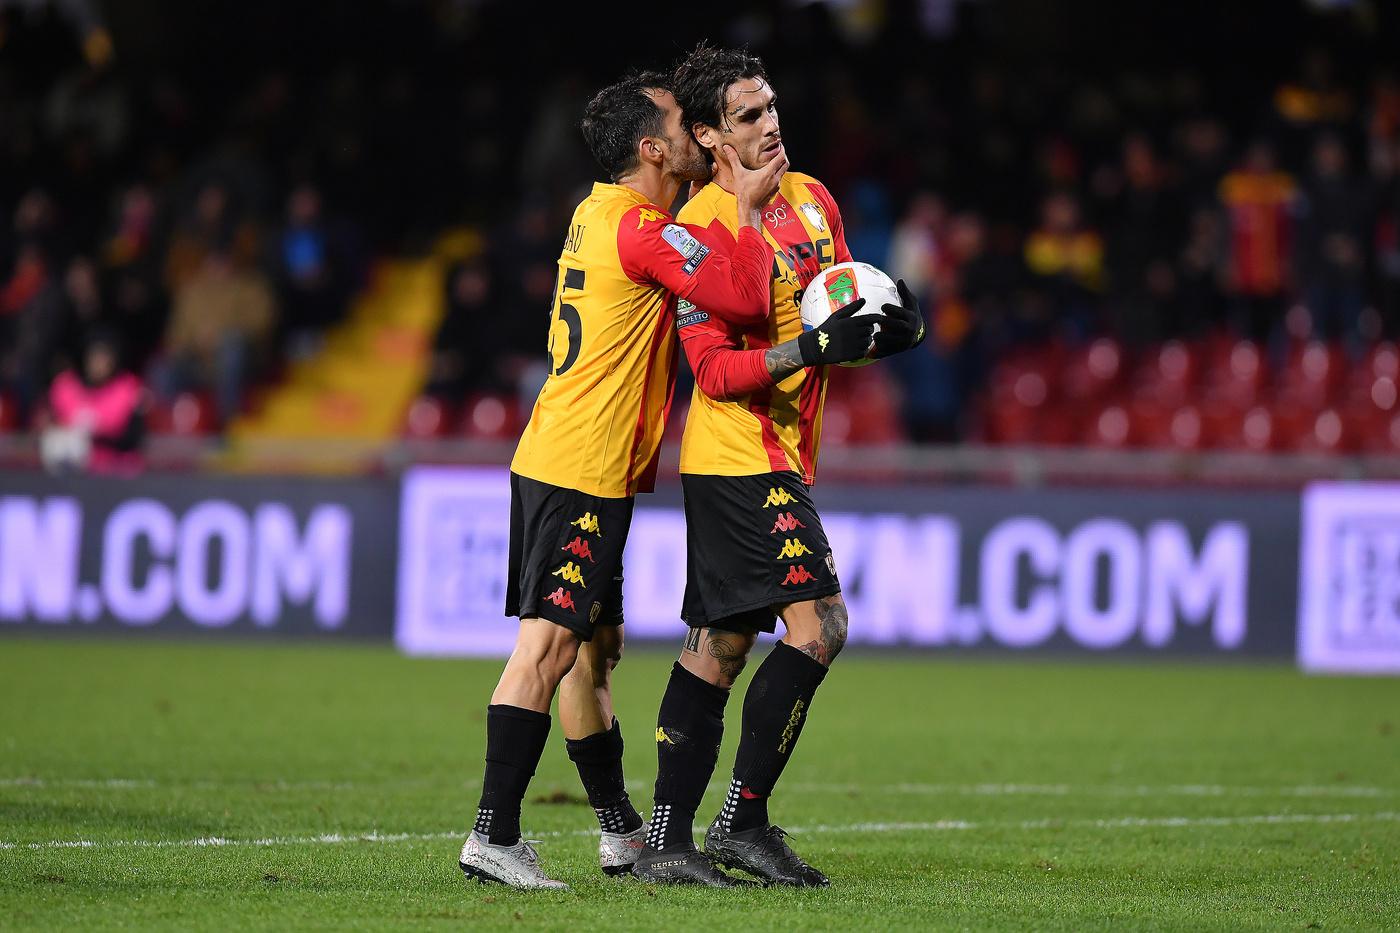 Serie B statistiche giocatori: Goal & assist: quali sono i tandem migliori?